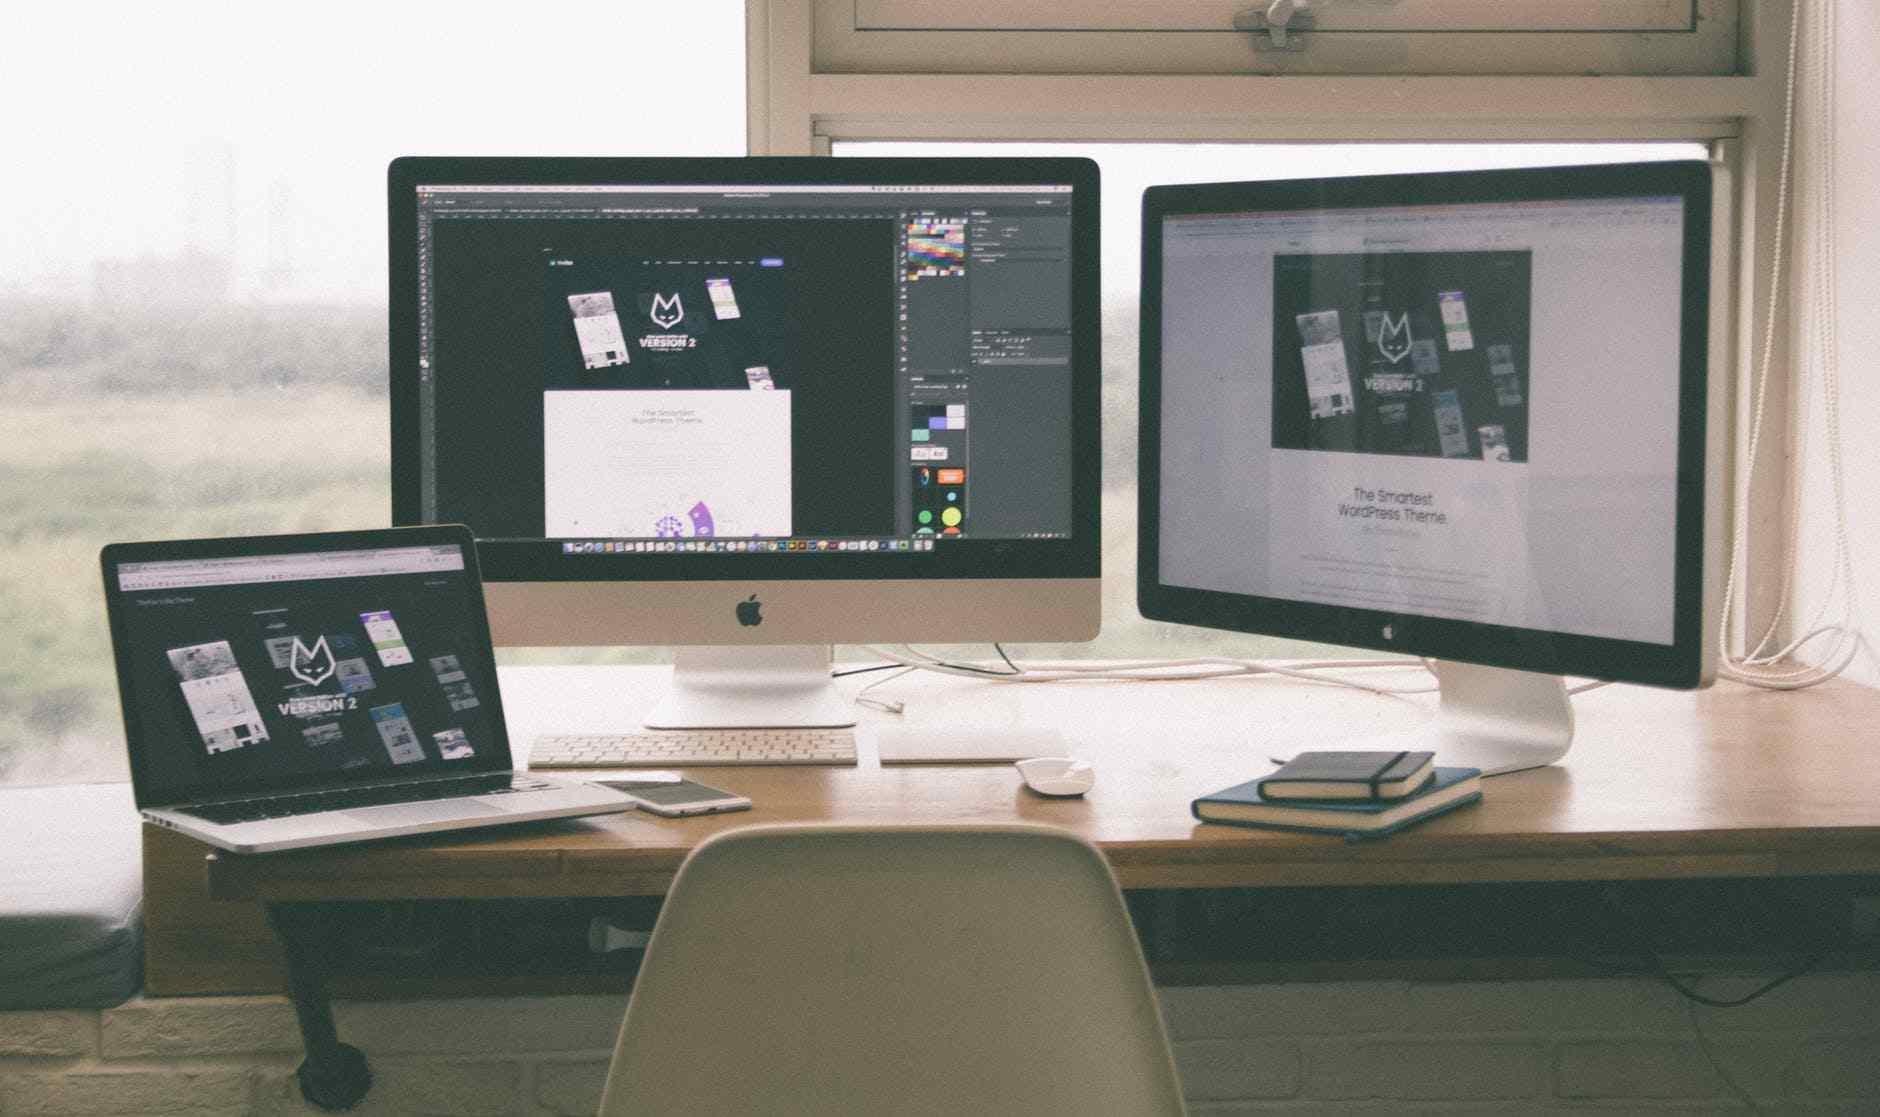 Komponen-komponen Utama dalam Responsive Web Design